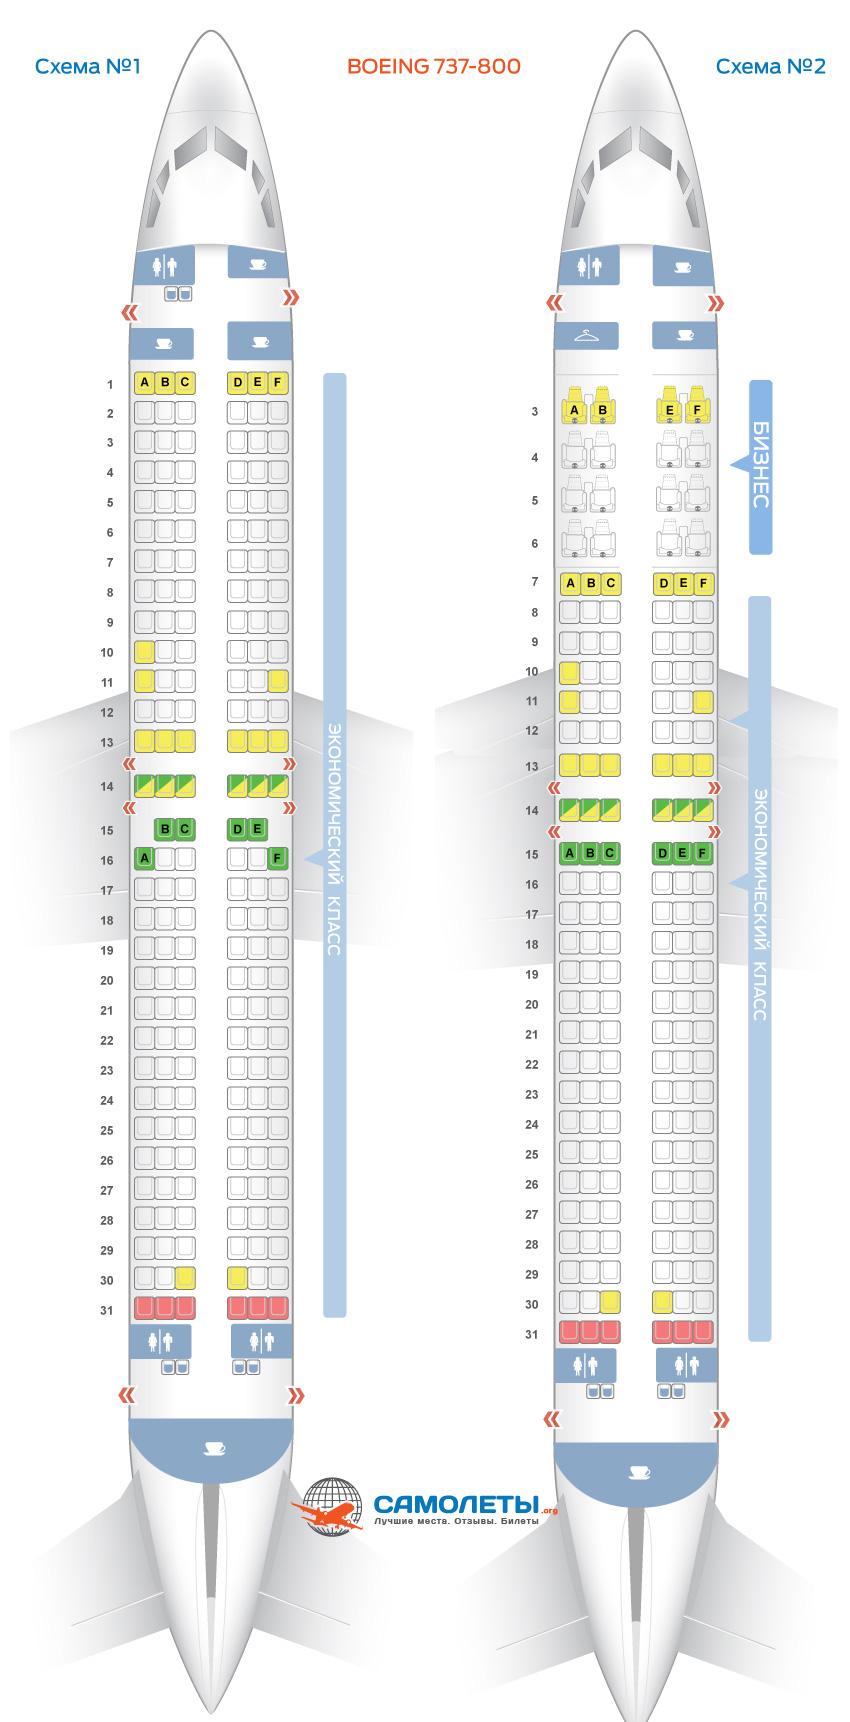 Боинг 737-800 - схема салона, лучшие места для полёта от Аэрофлота в 2019 году